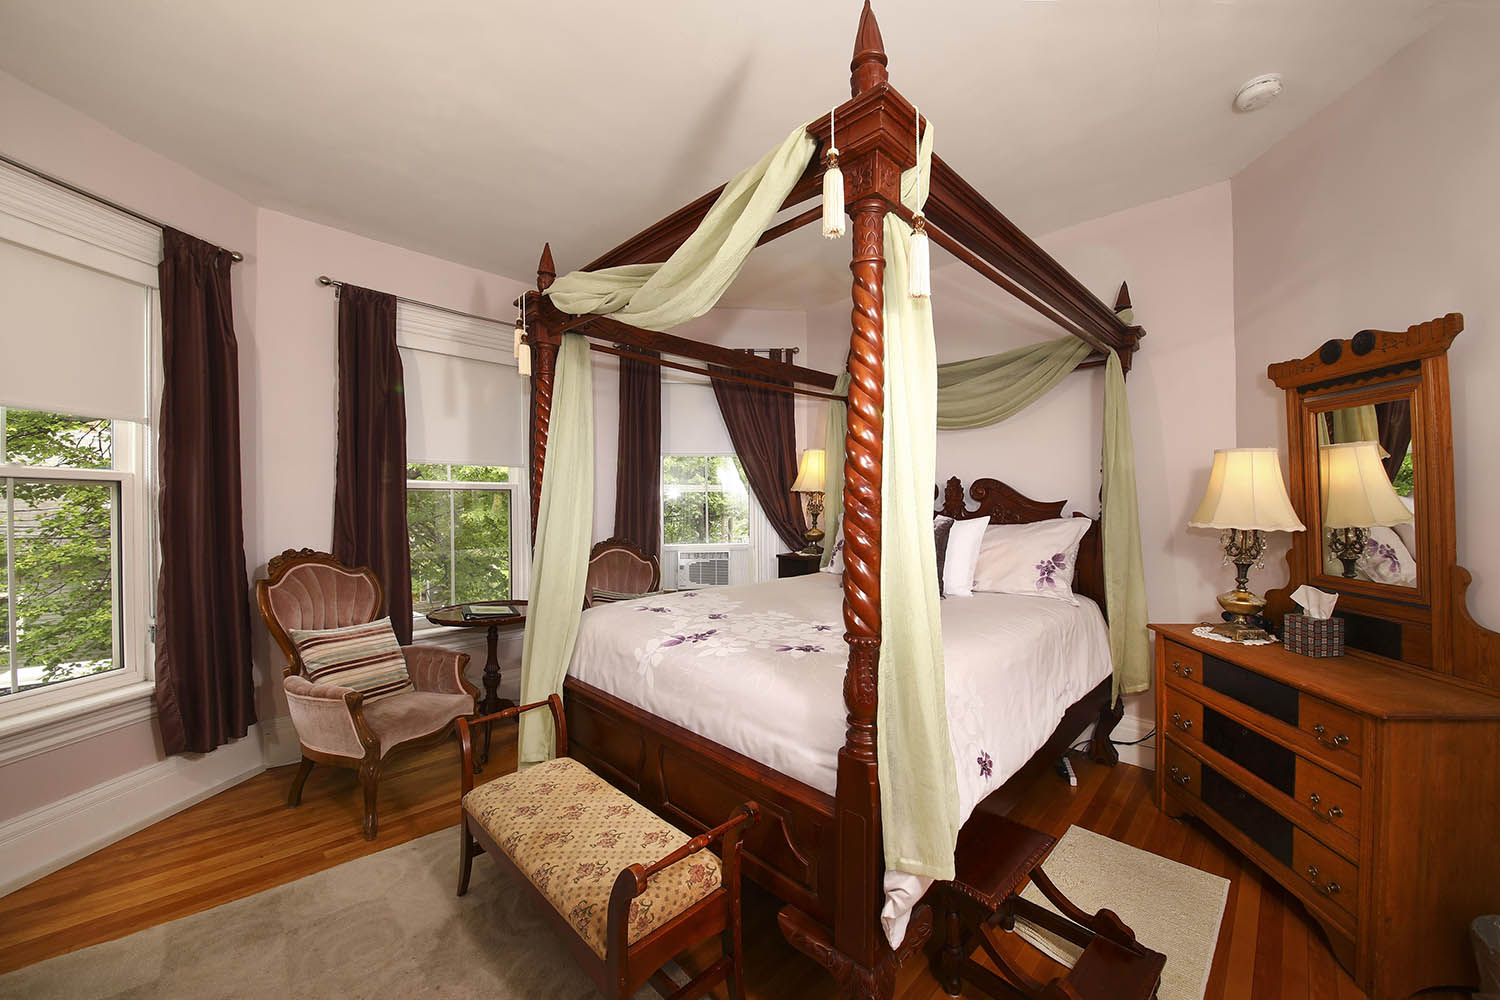 Summer Room inside Summerside Inn Bed and Breakfast